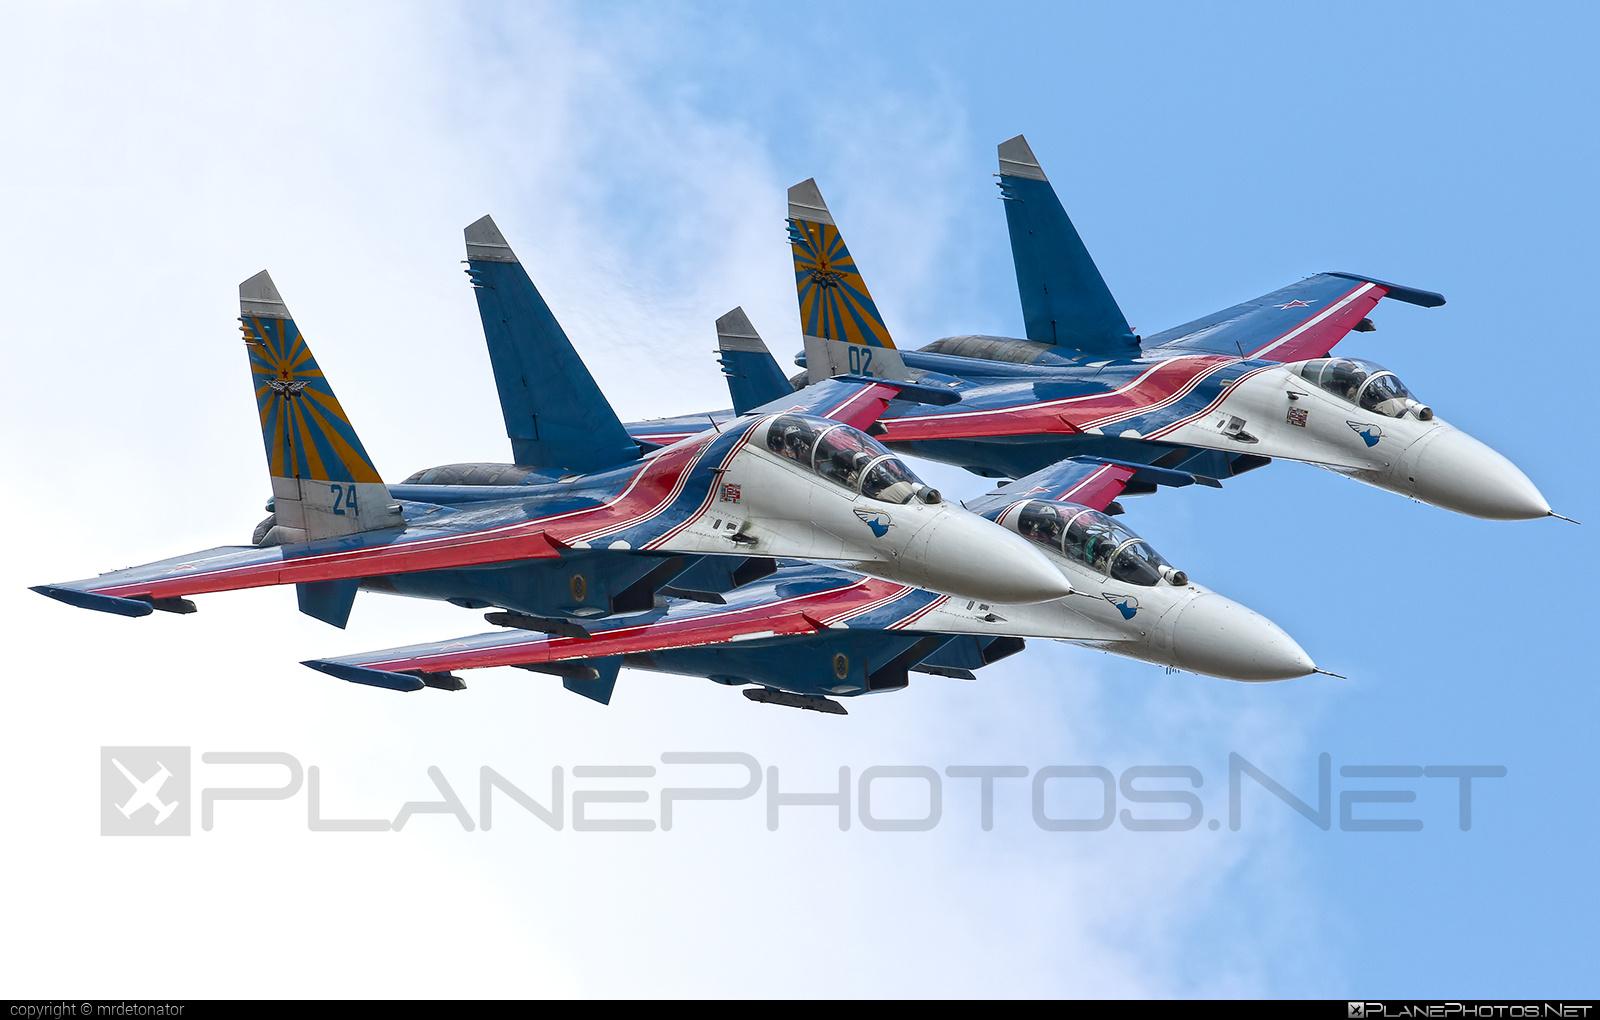 Sukhoi Su-27UB - 24 operated by Voyenno-vozdushnye sily Rossii (Russian Air Force) #maks2015 #russianknights #su27 #su27ub #sukhoi #sukhoi27